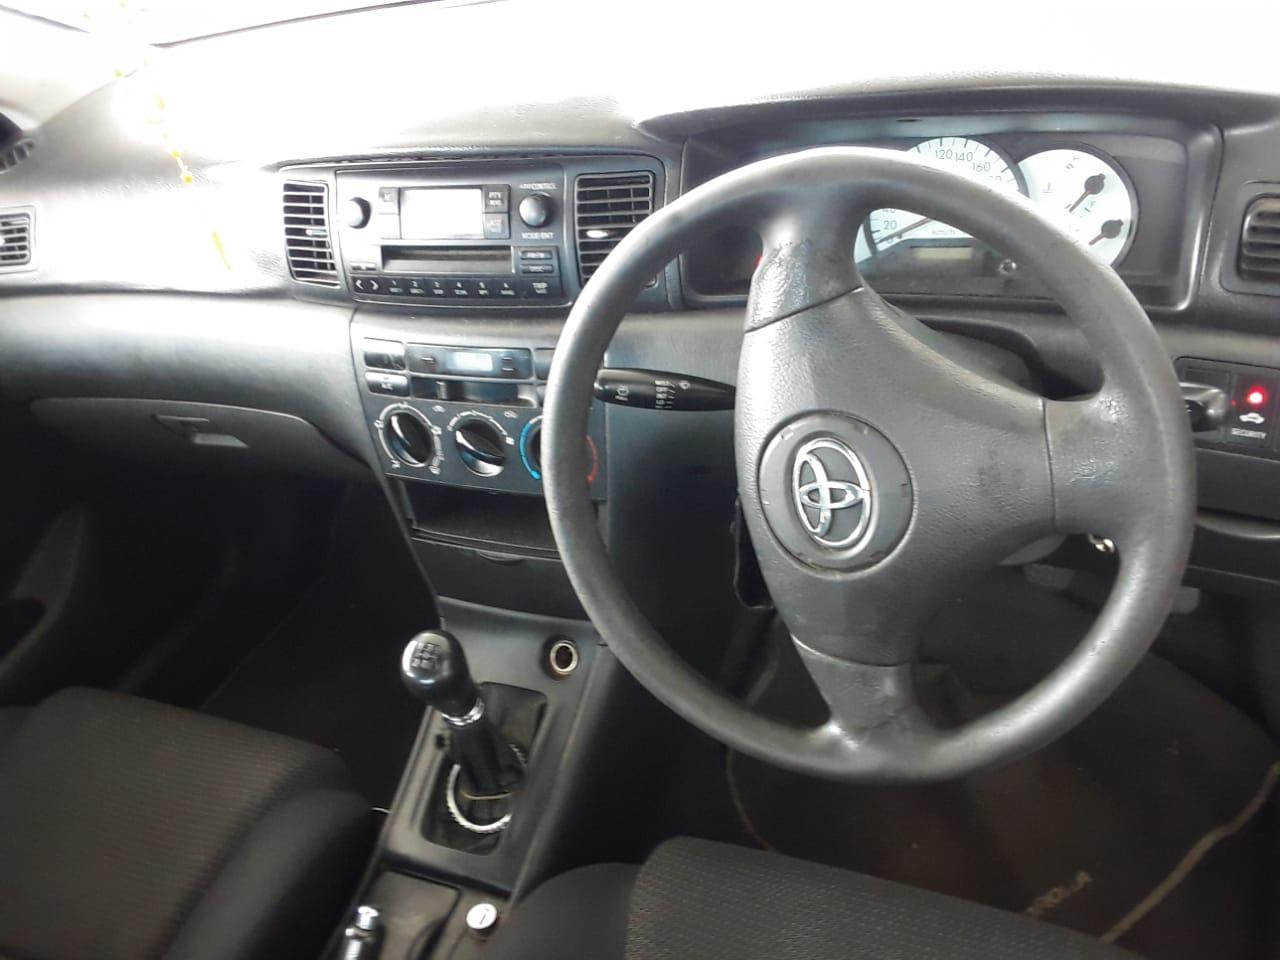 2006 Toyota Corolla 160i GLS